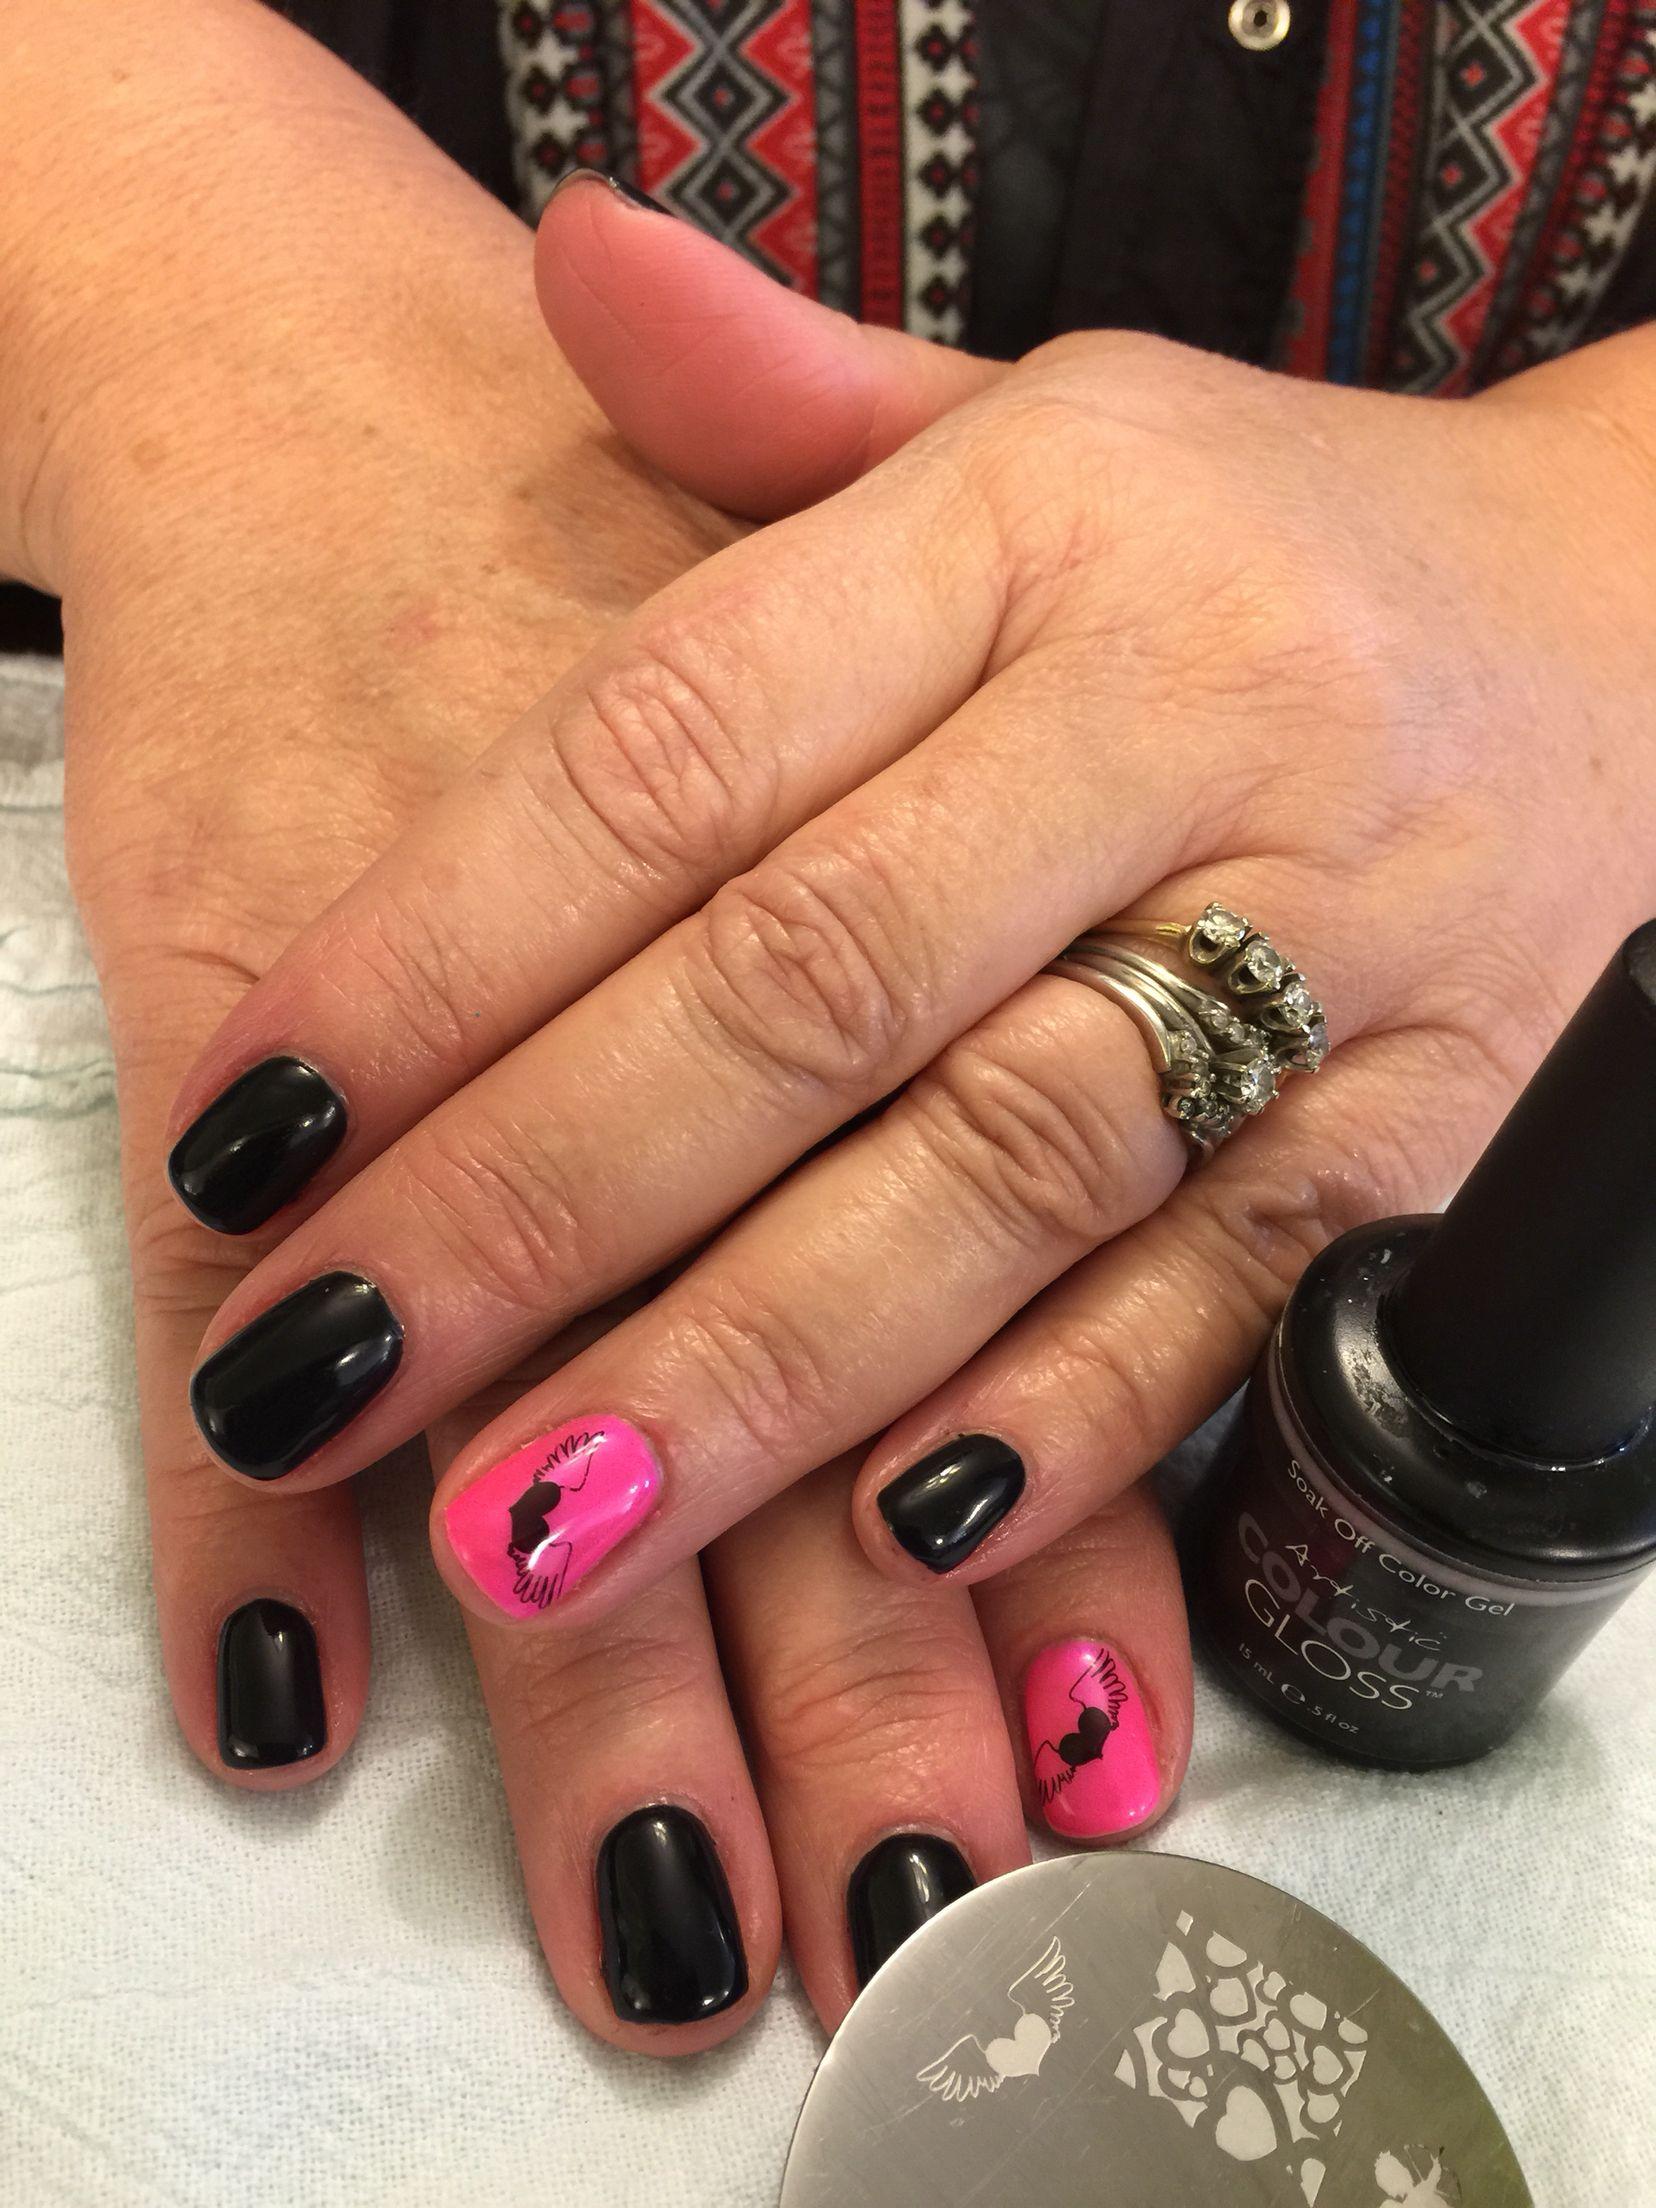 Nails by Sarah P